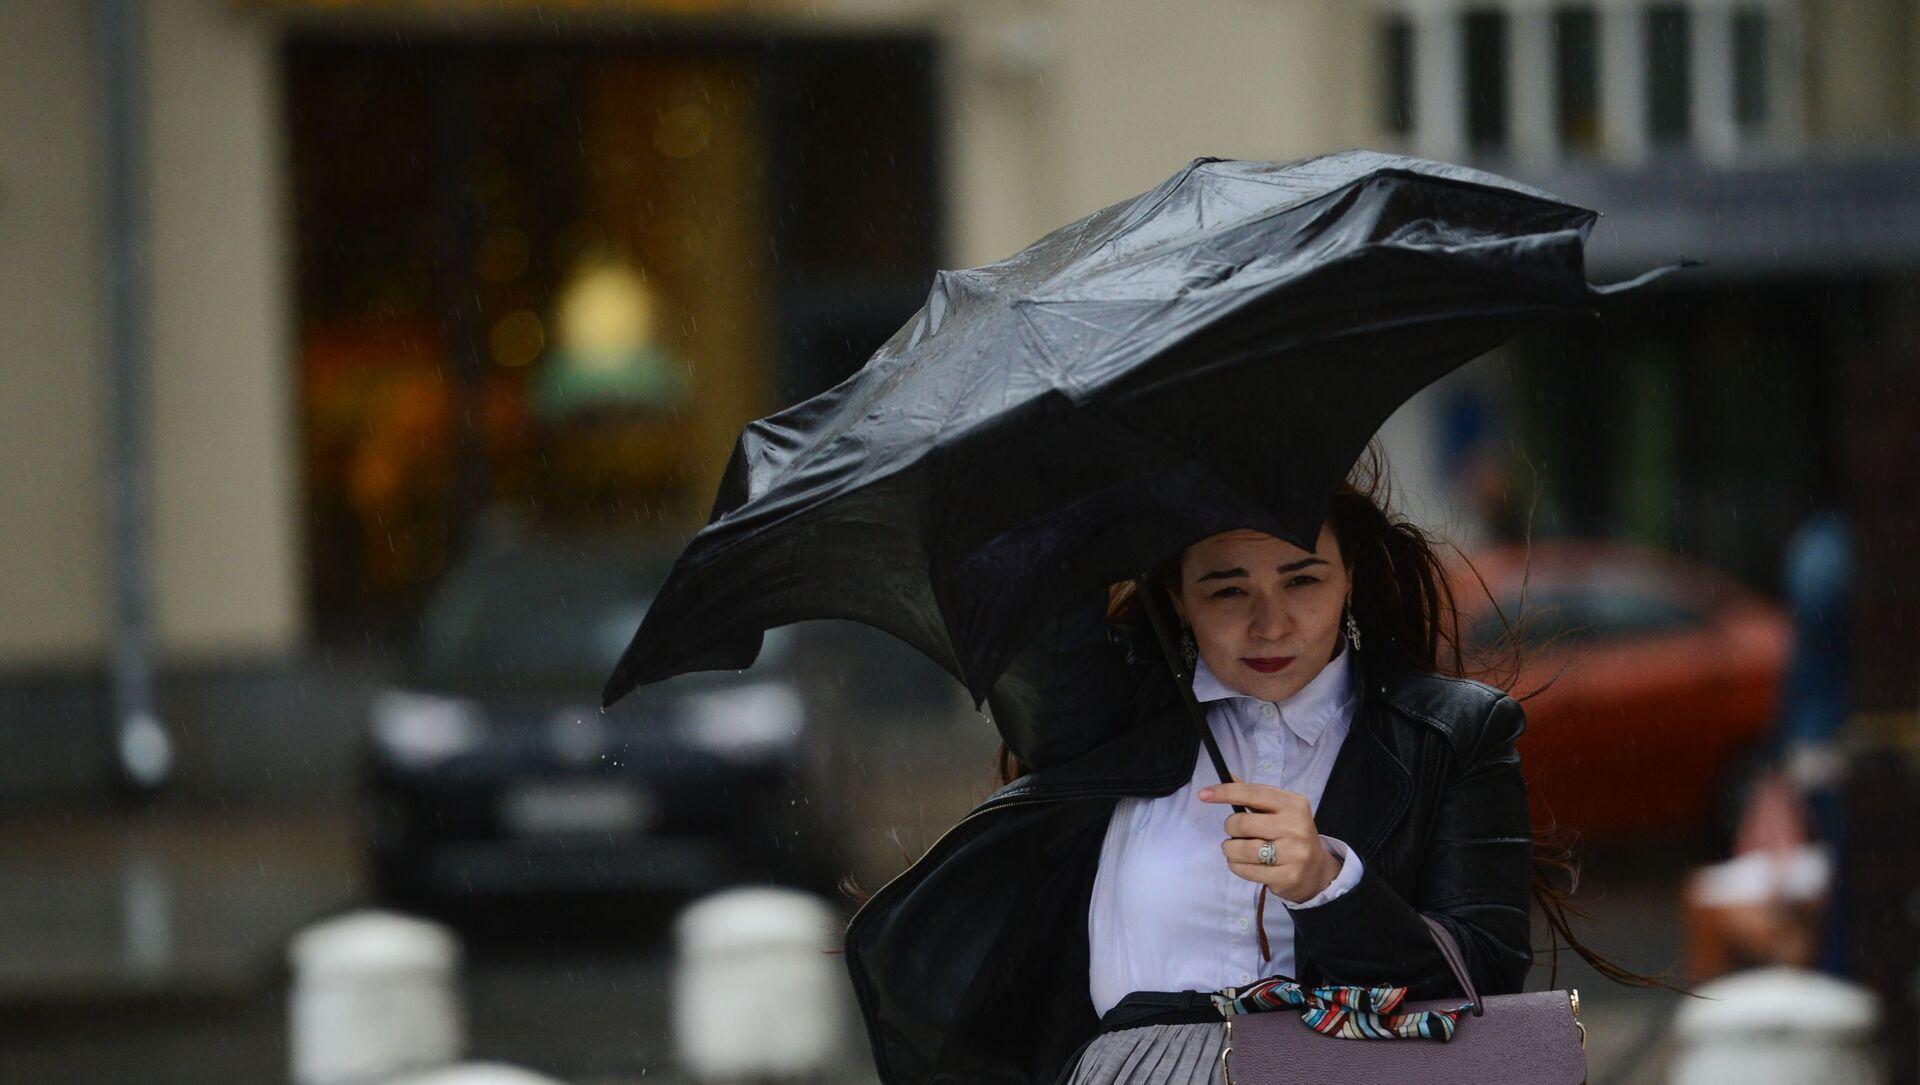 Девушка с зонтом во время ветра, фото из архива - Sputnik Азербайджан, 1920, 02.09.2021